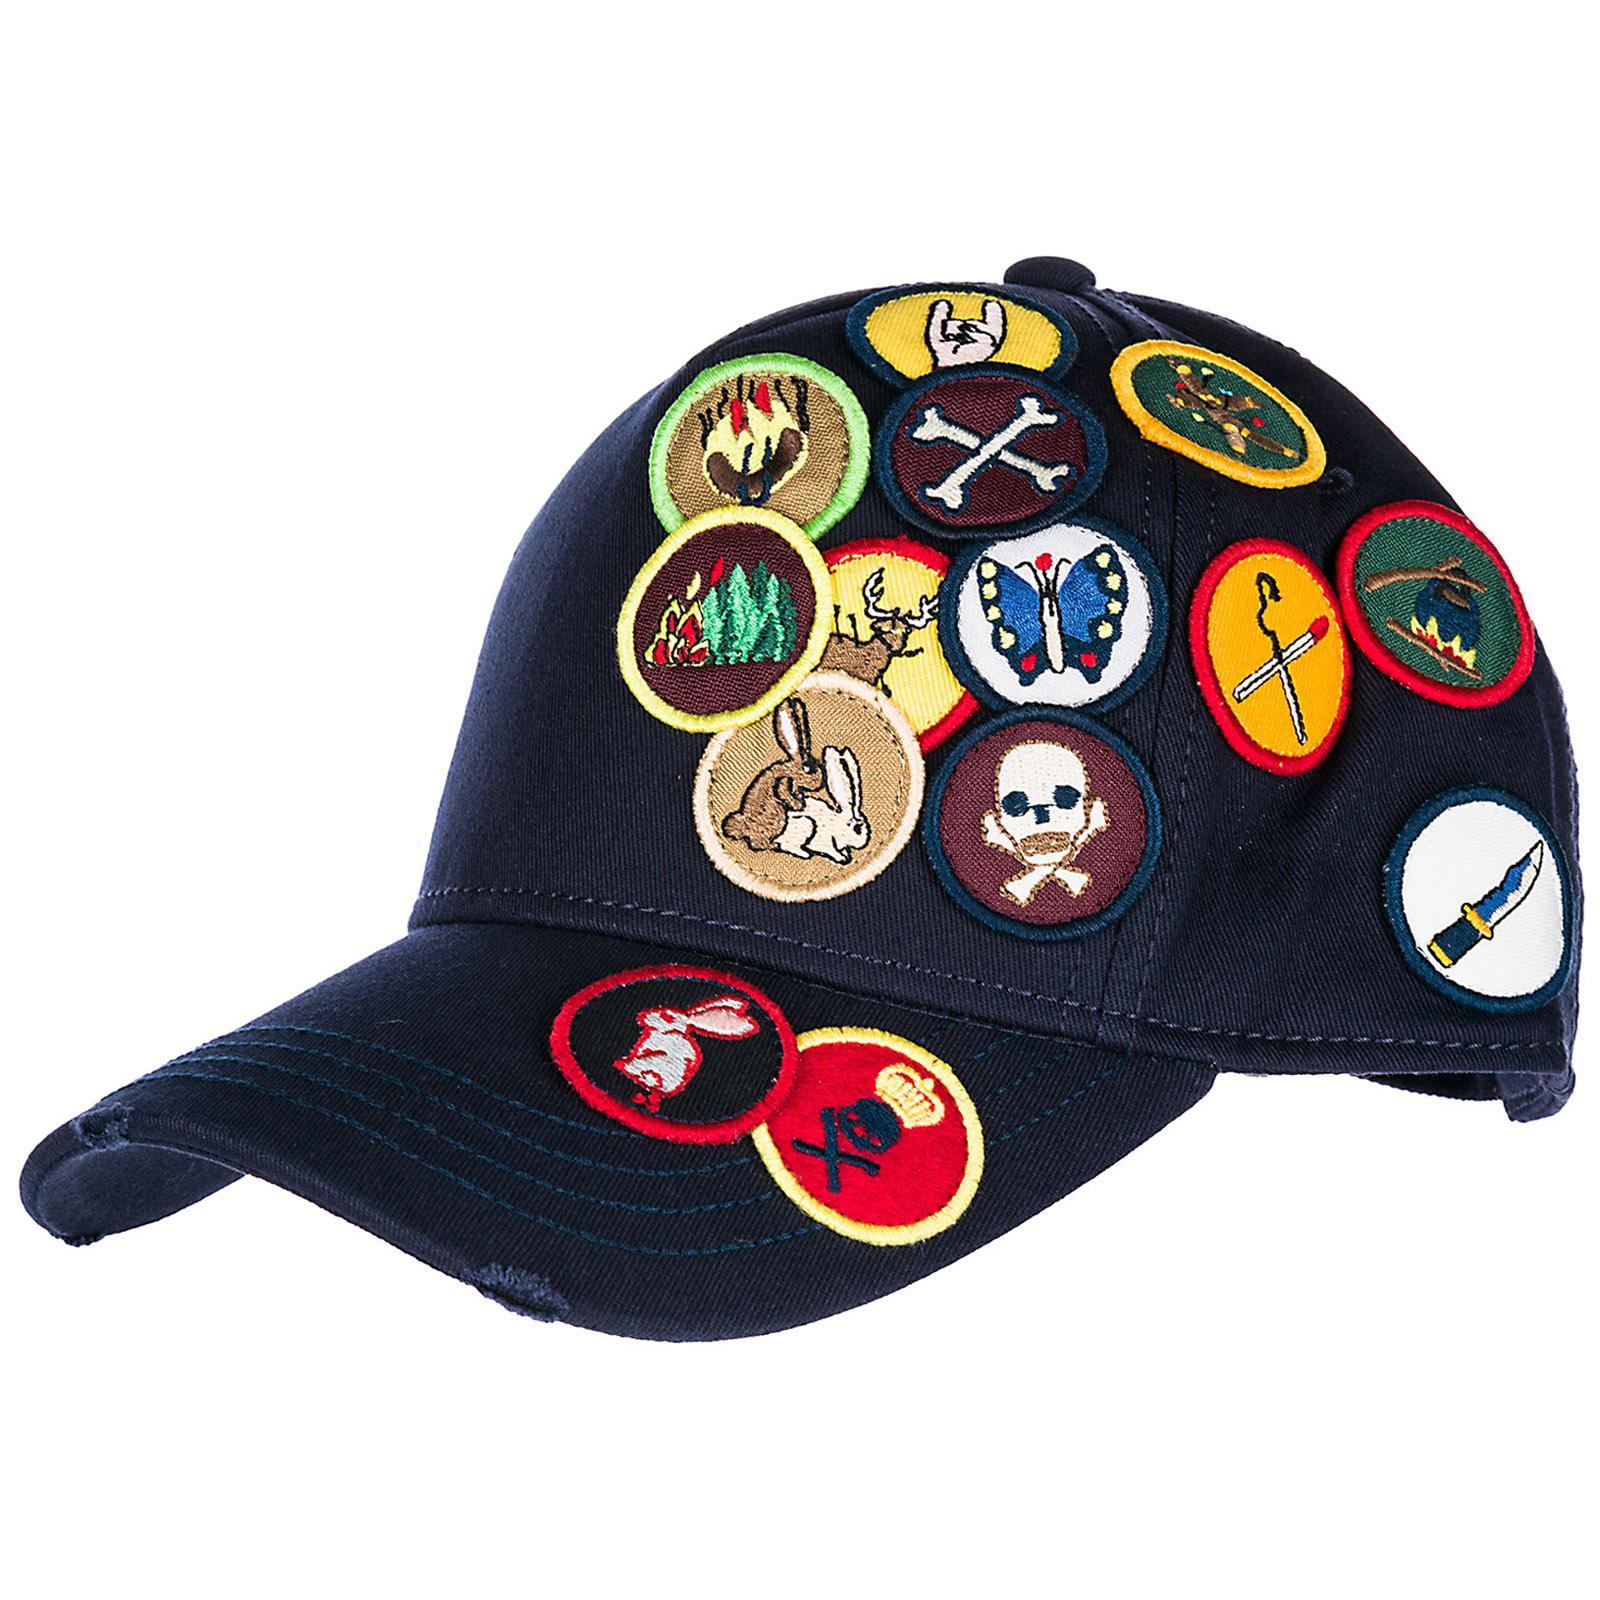 Cappello berretto regolabile uomo in cotone baseball